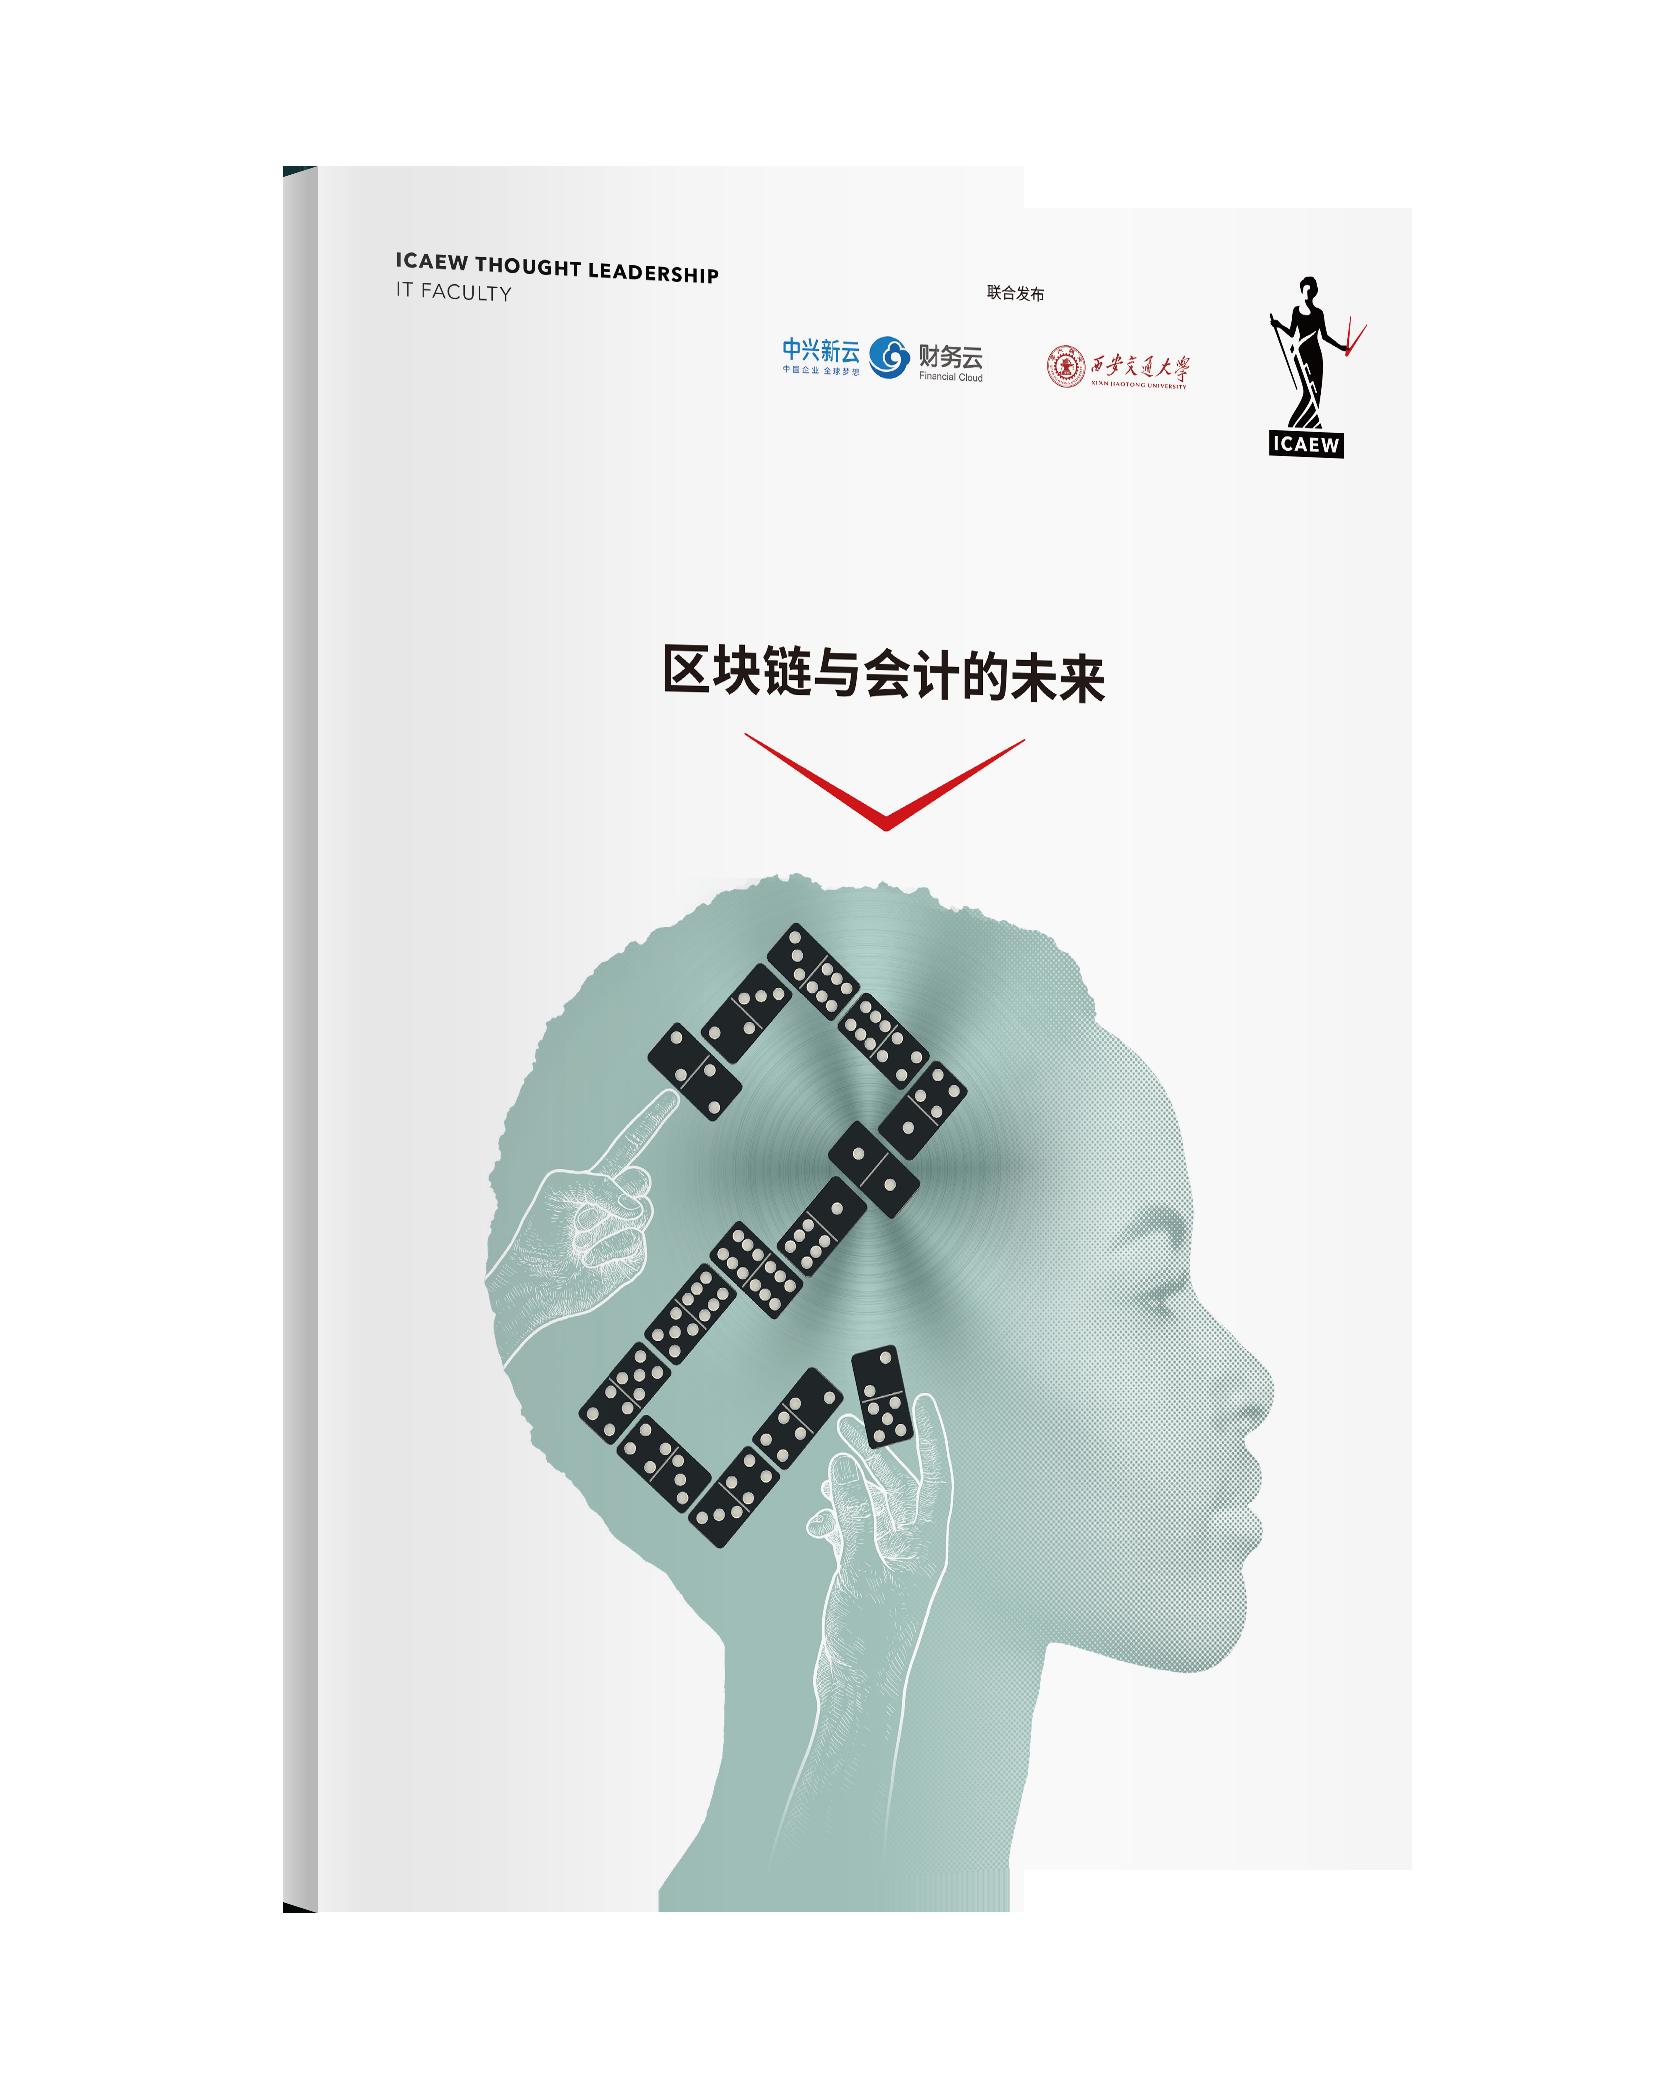 2020财务未来发展报告《区块链与会计的未来》正式发布